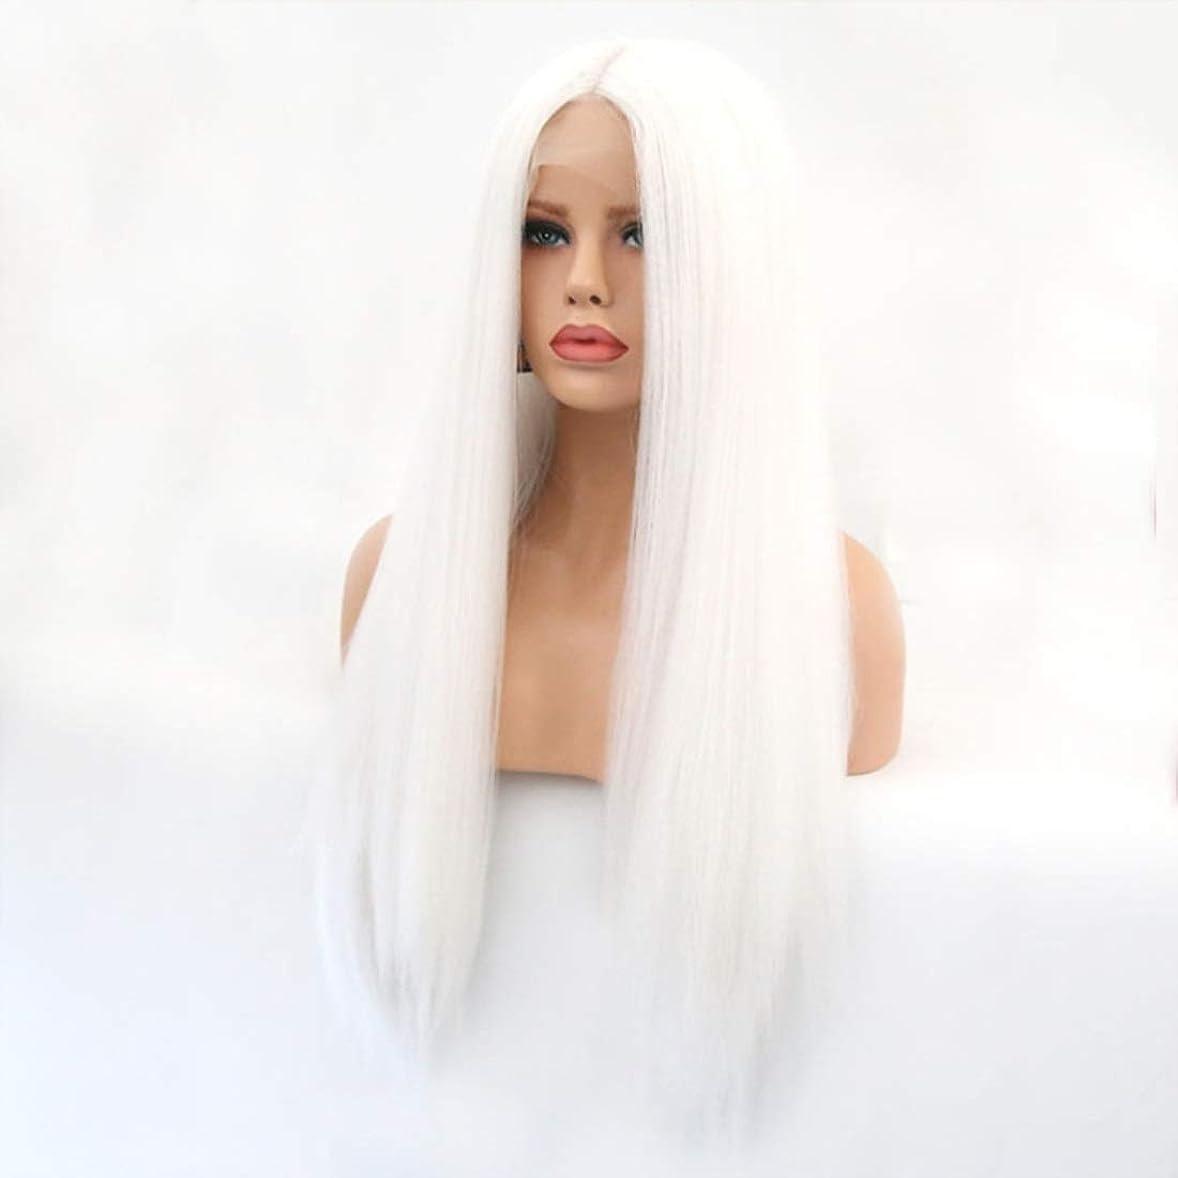 不格好食器棚嫌なSummerys 本物の髪として自然な女性のためのフロントレースホワイトかつらロングストレートヘア